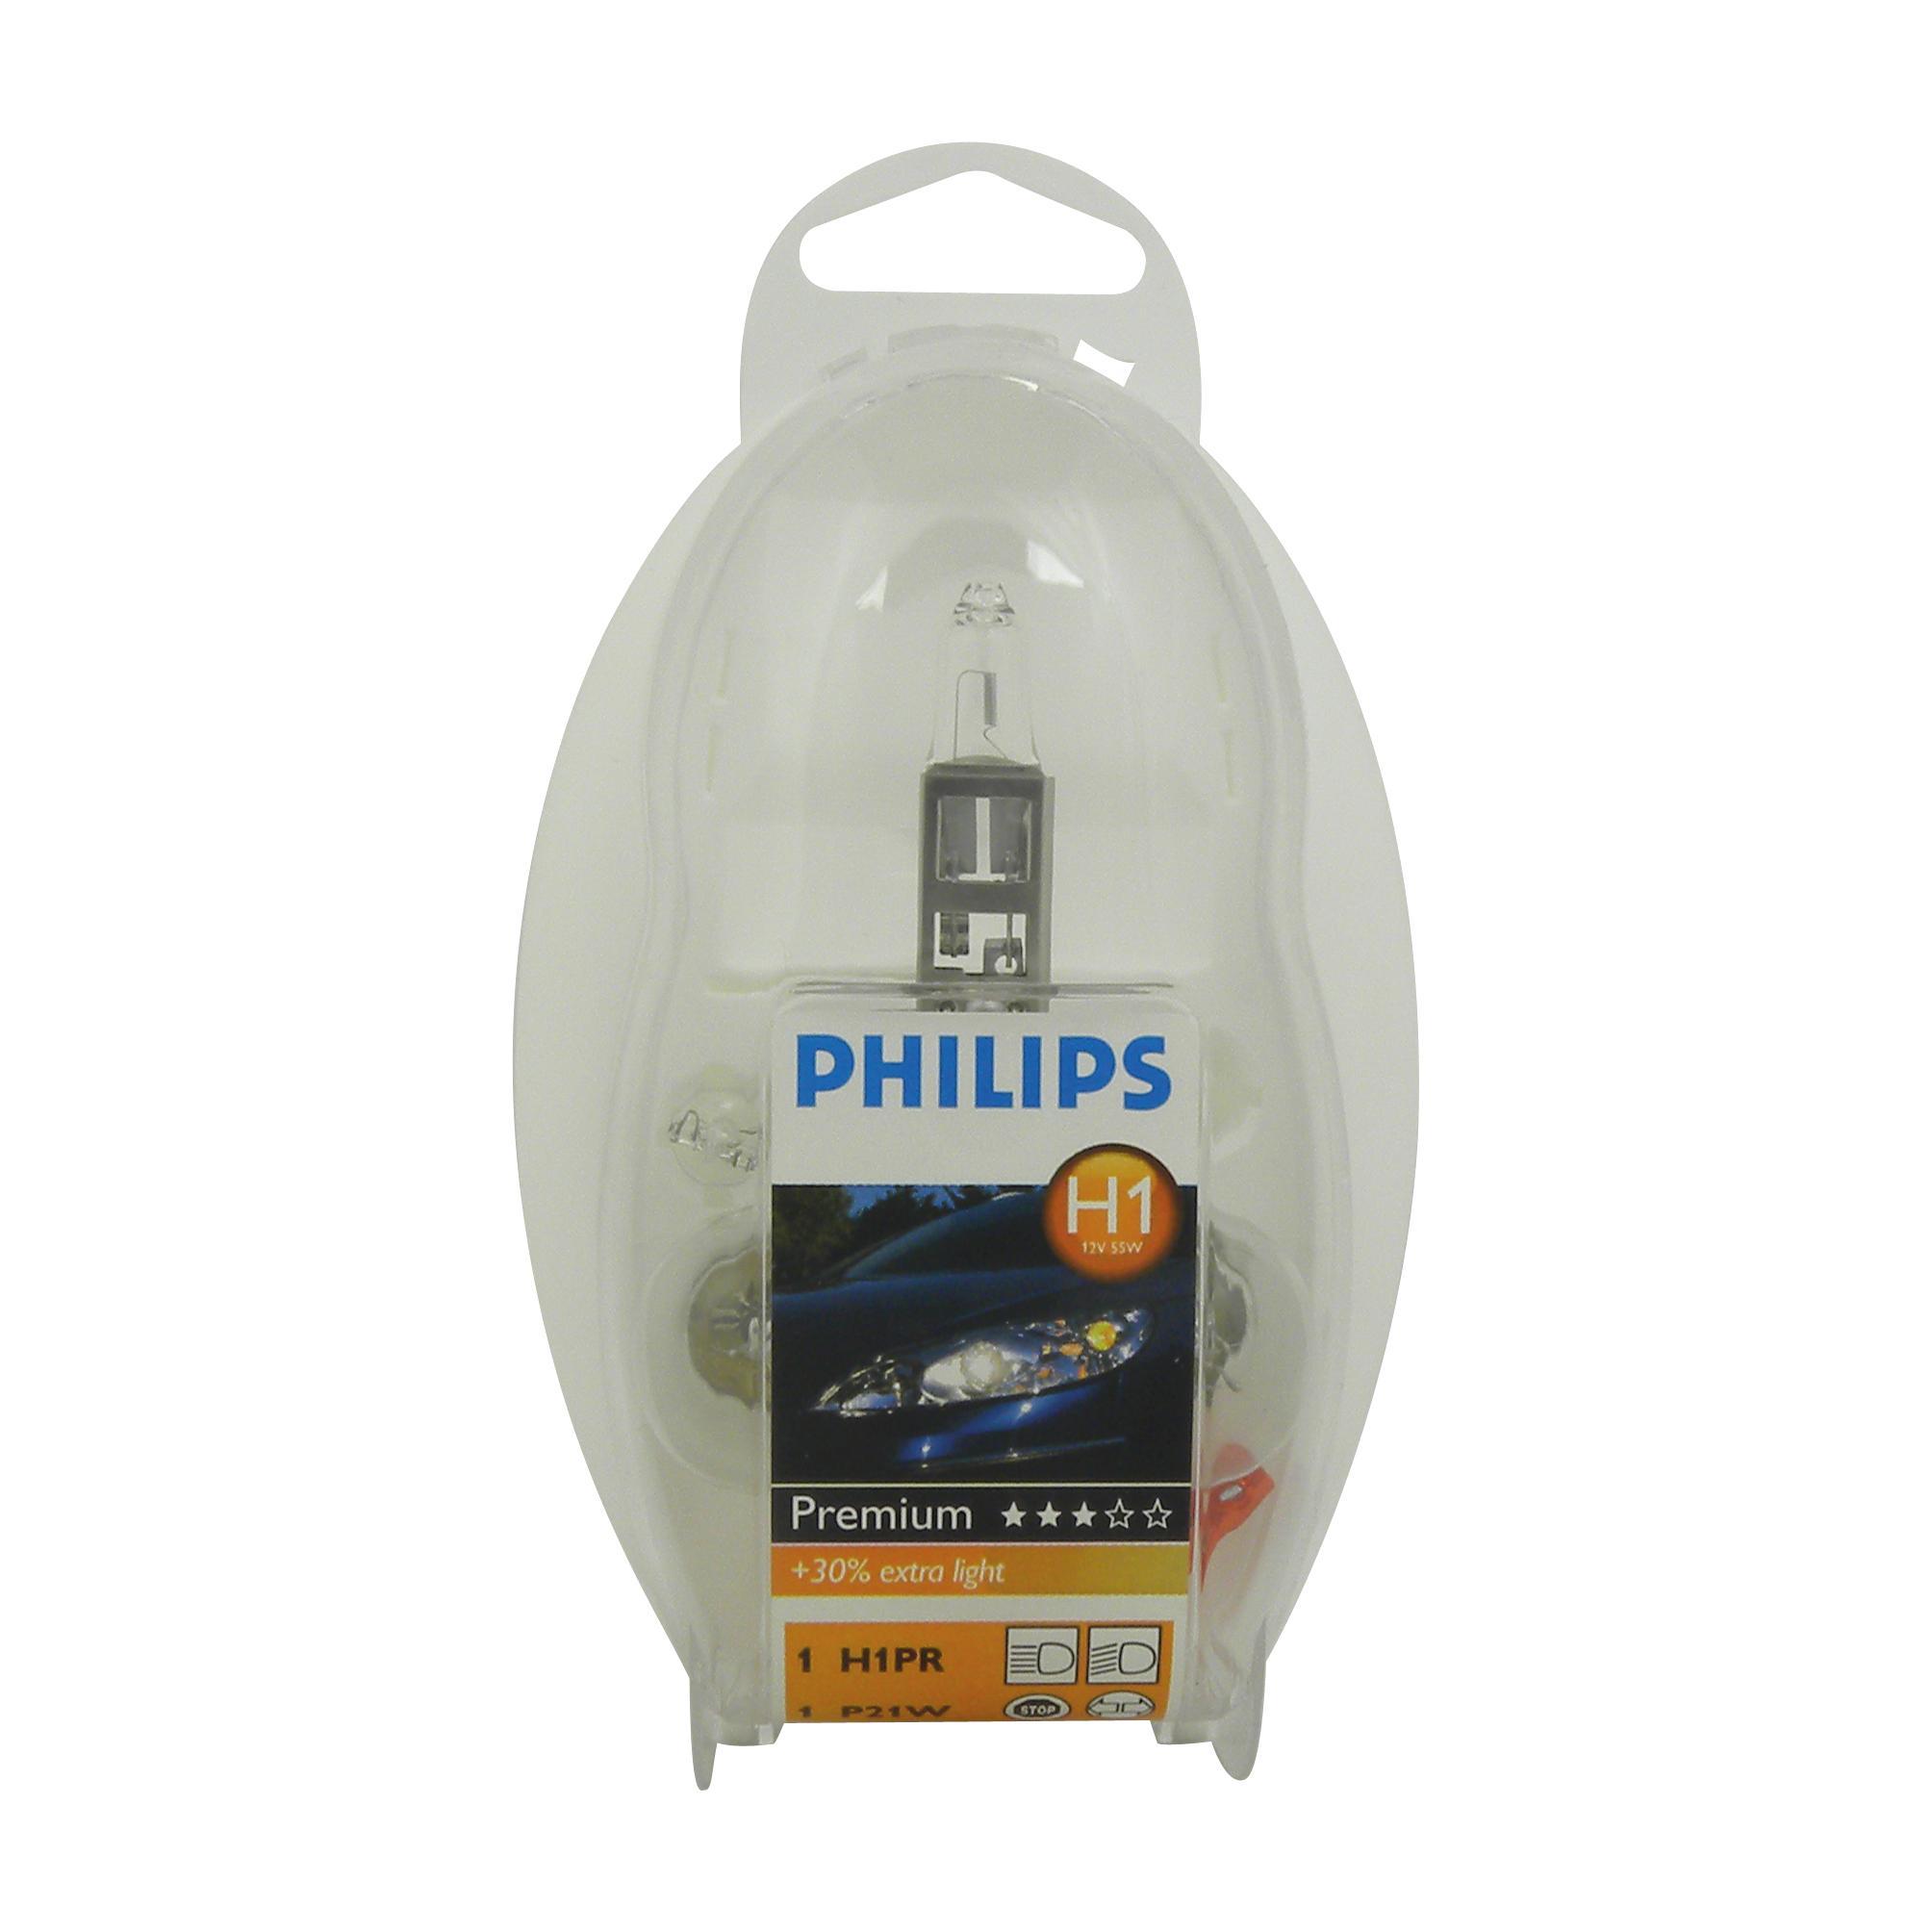 ampoule voiture h1 12v philips 30 h1 philips. Black Bedroom Furniture Sets. Home Design Ideas